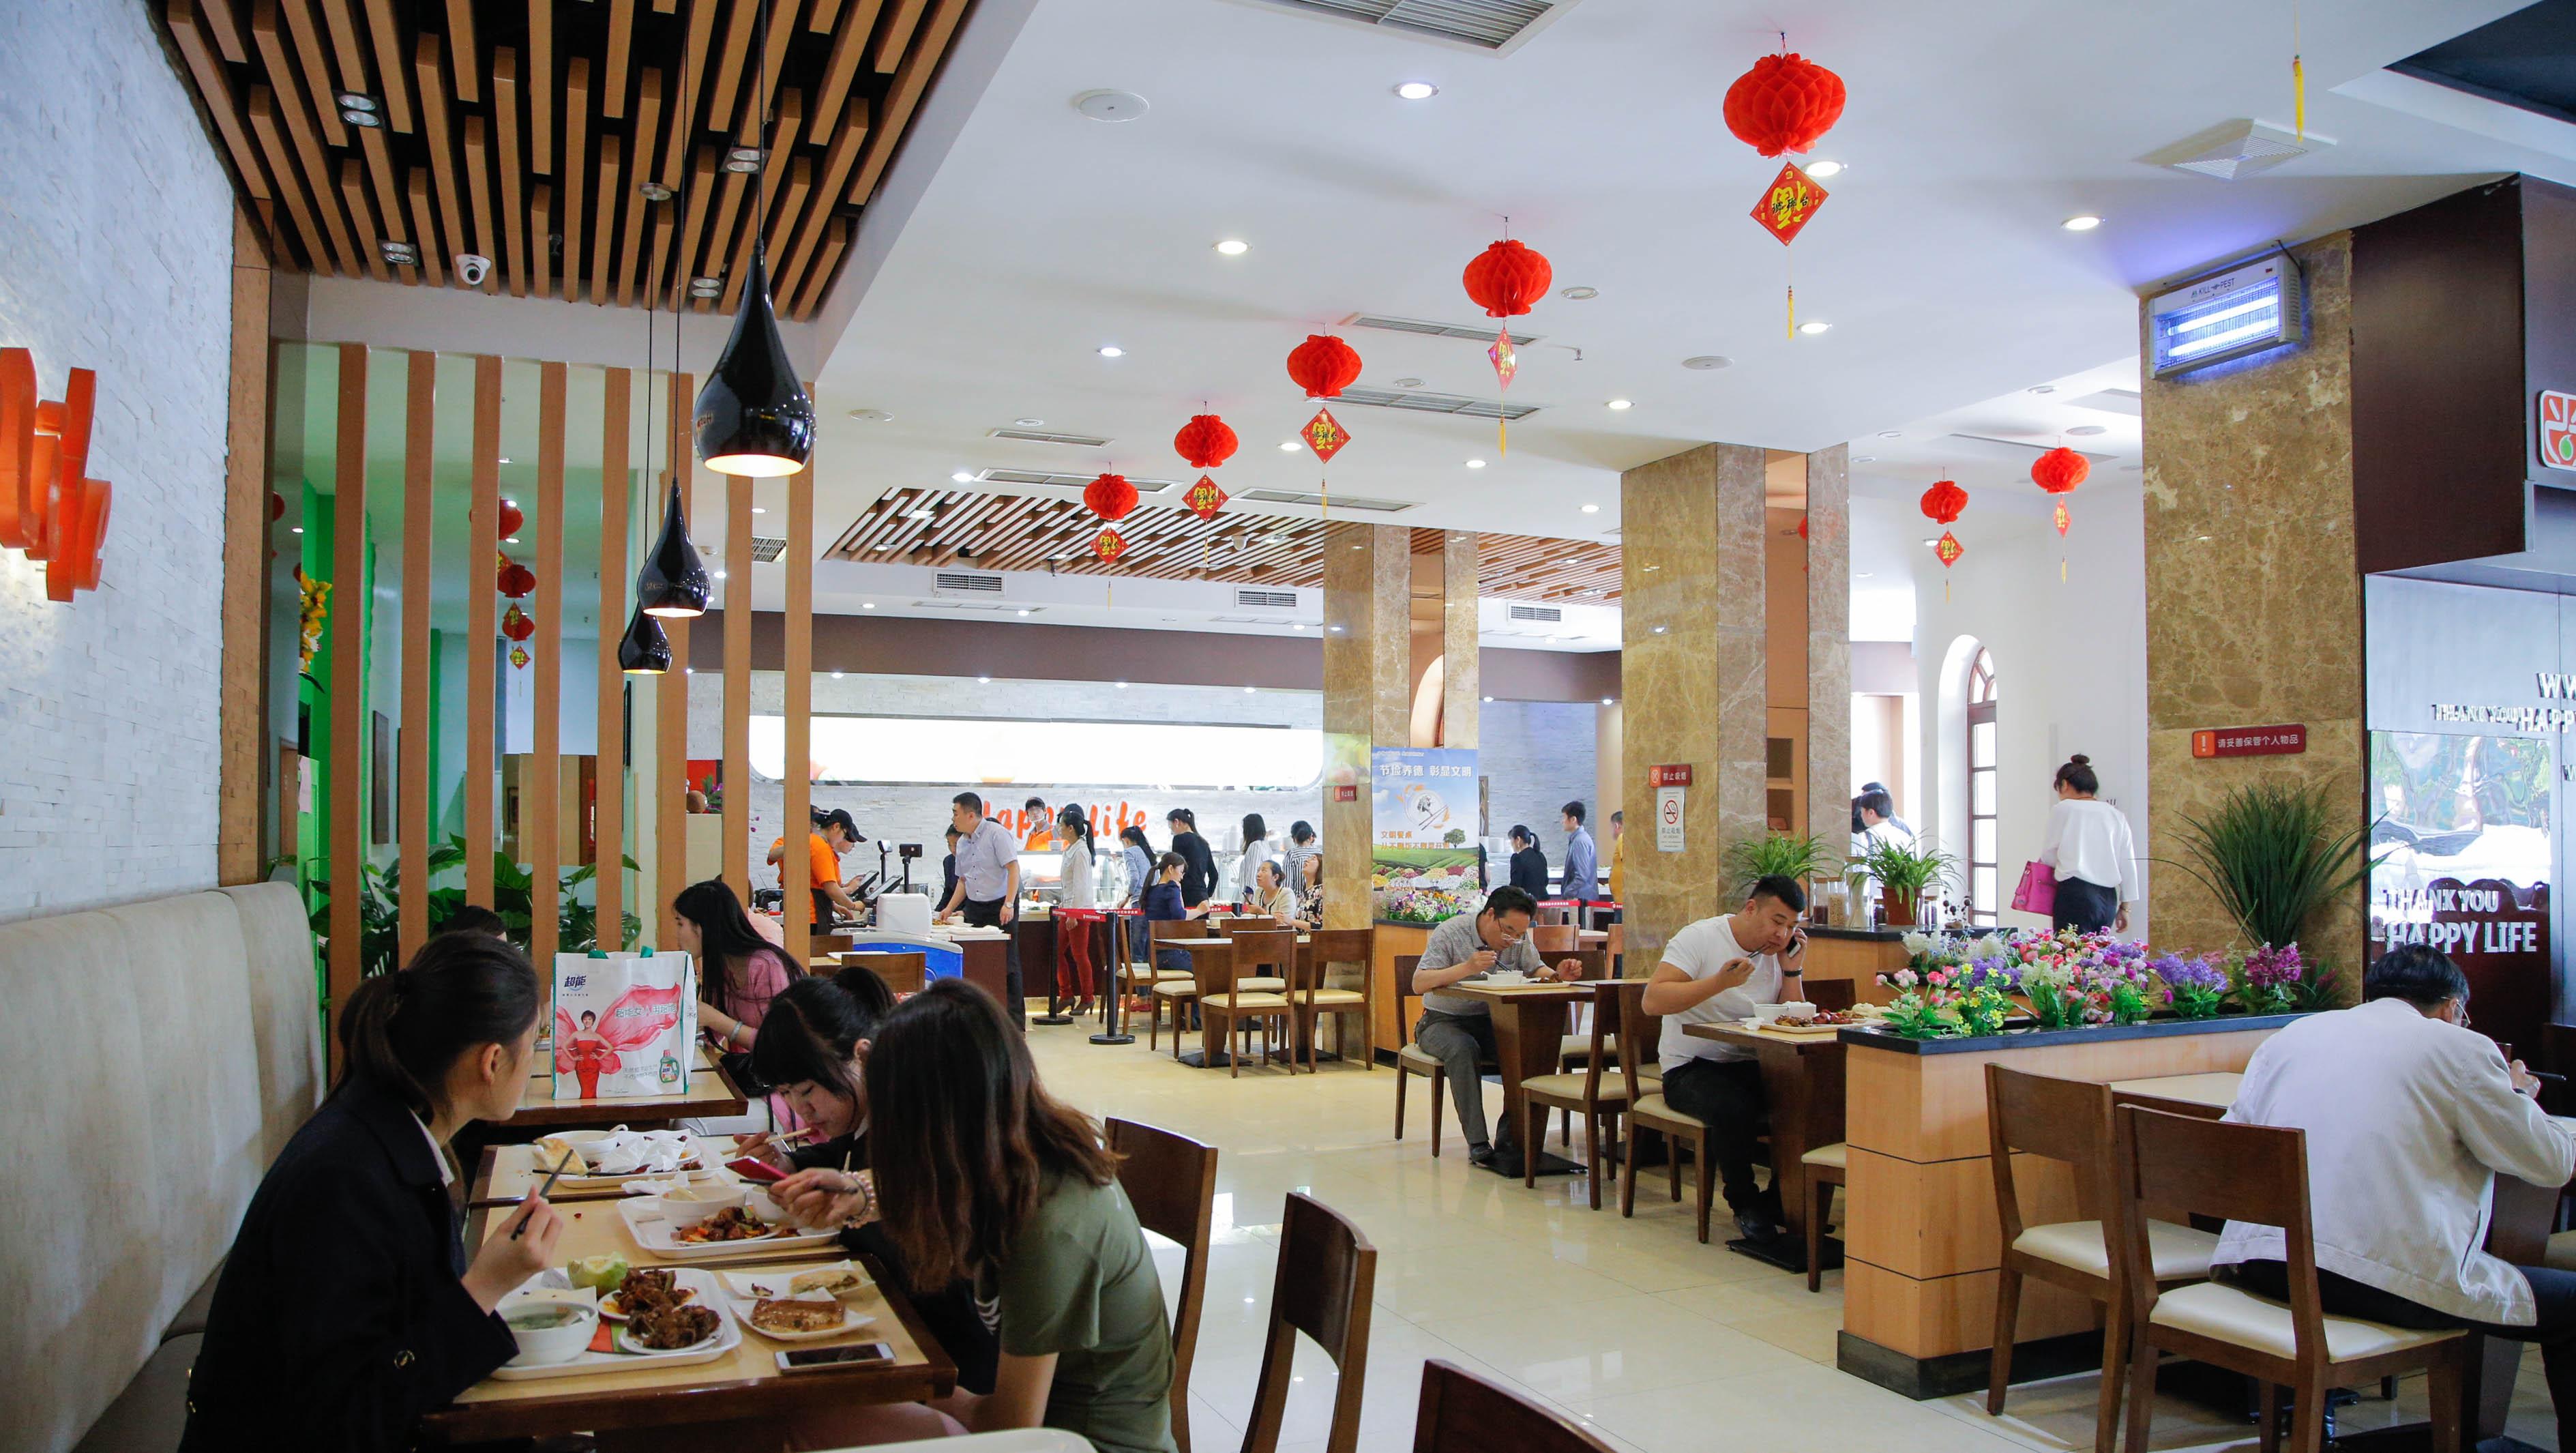 中式快餐店内景一览